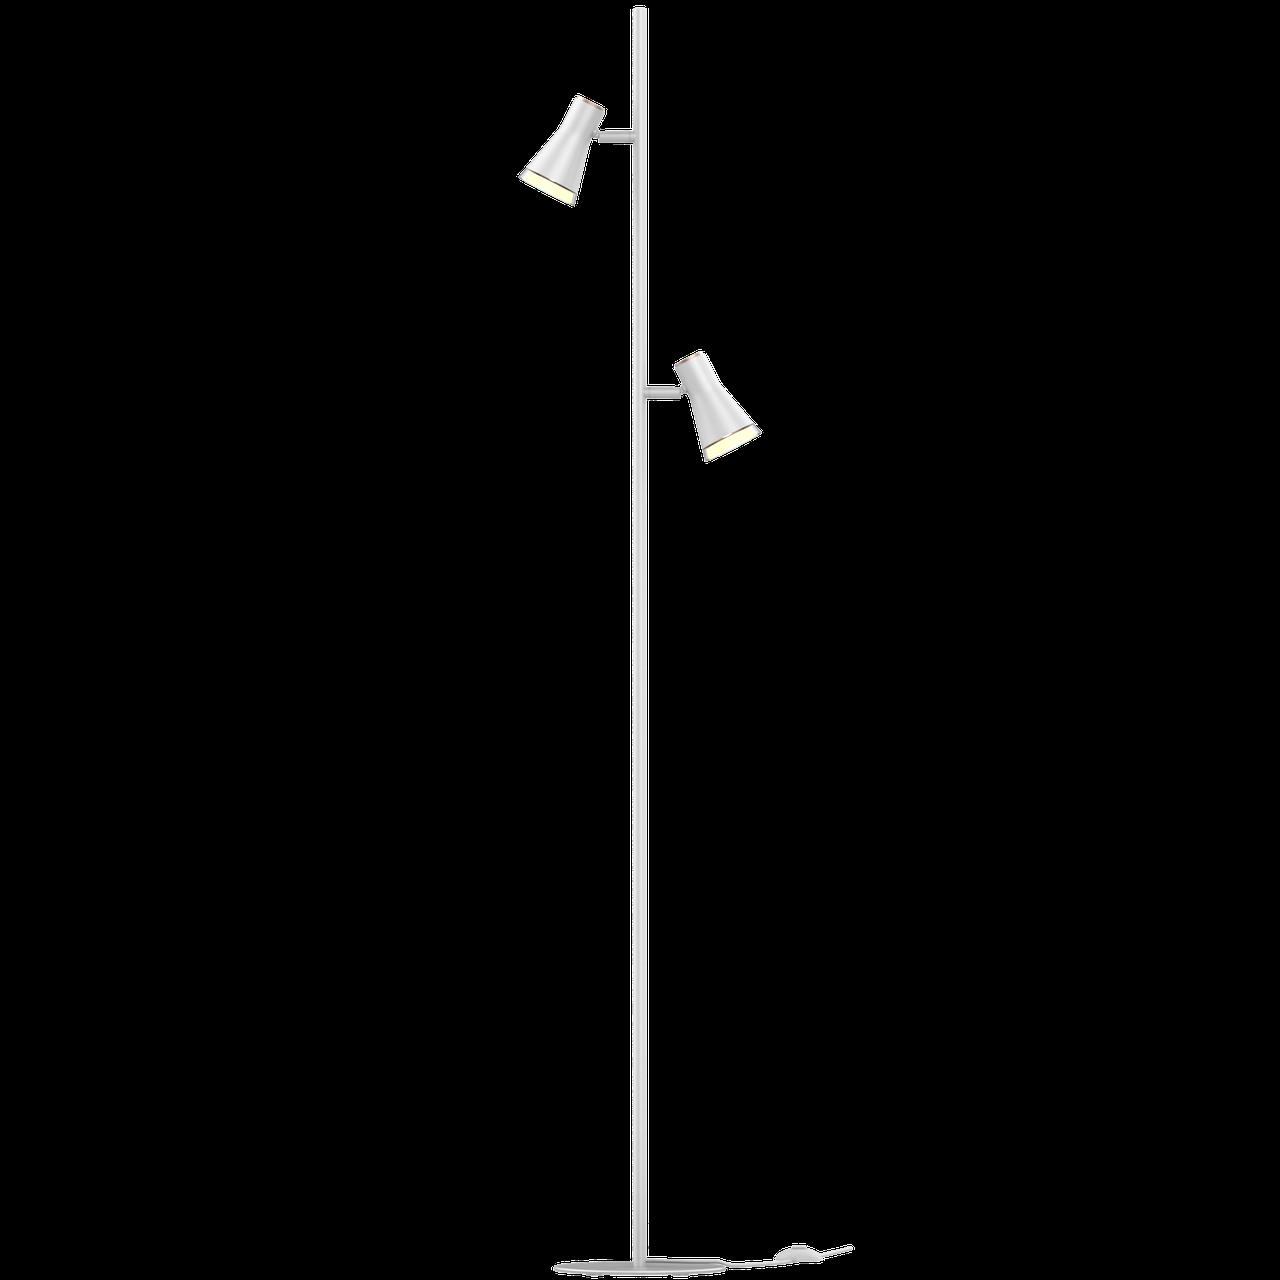 Спотовий світлодіодний світильник (торшер) MAXUS MSL-02F 2x4W 4100K Білий